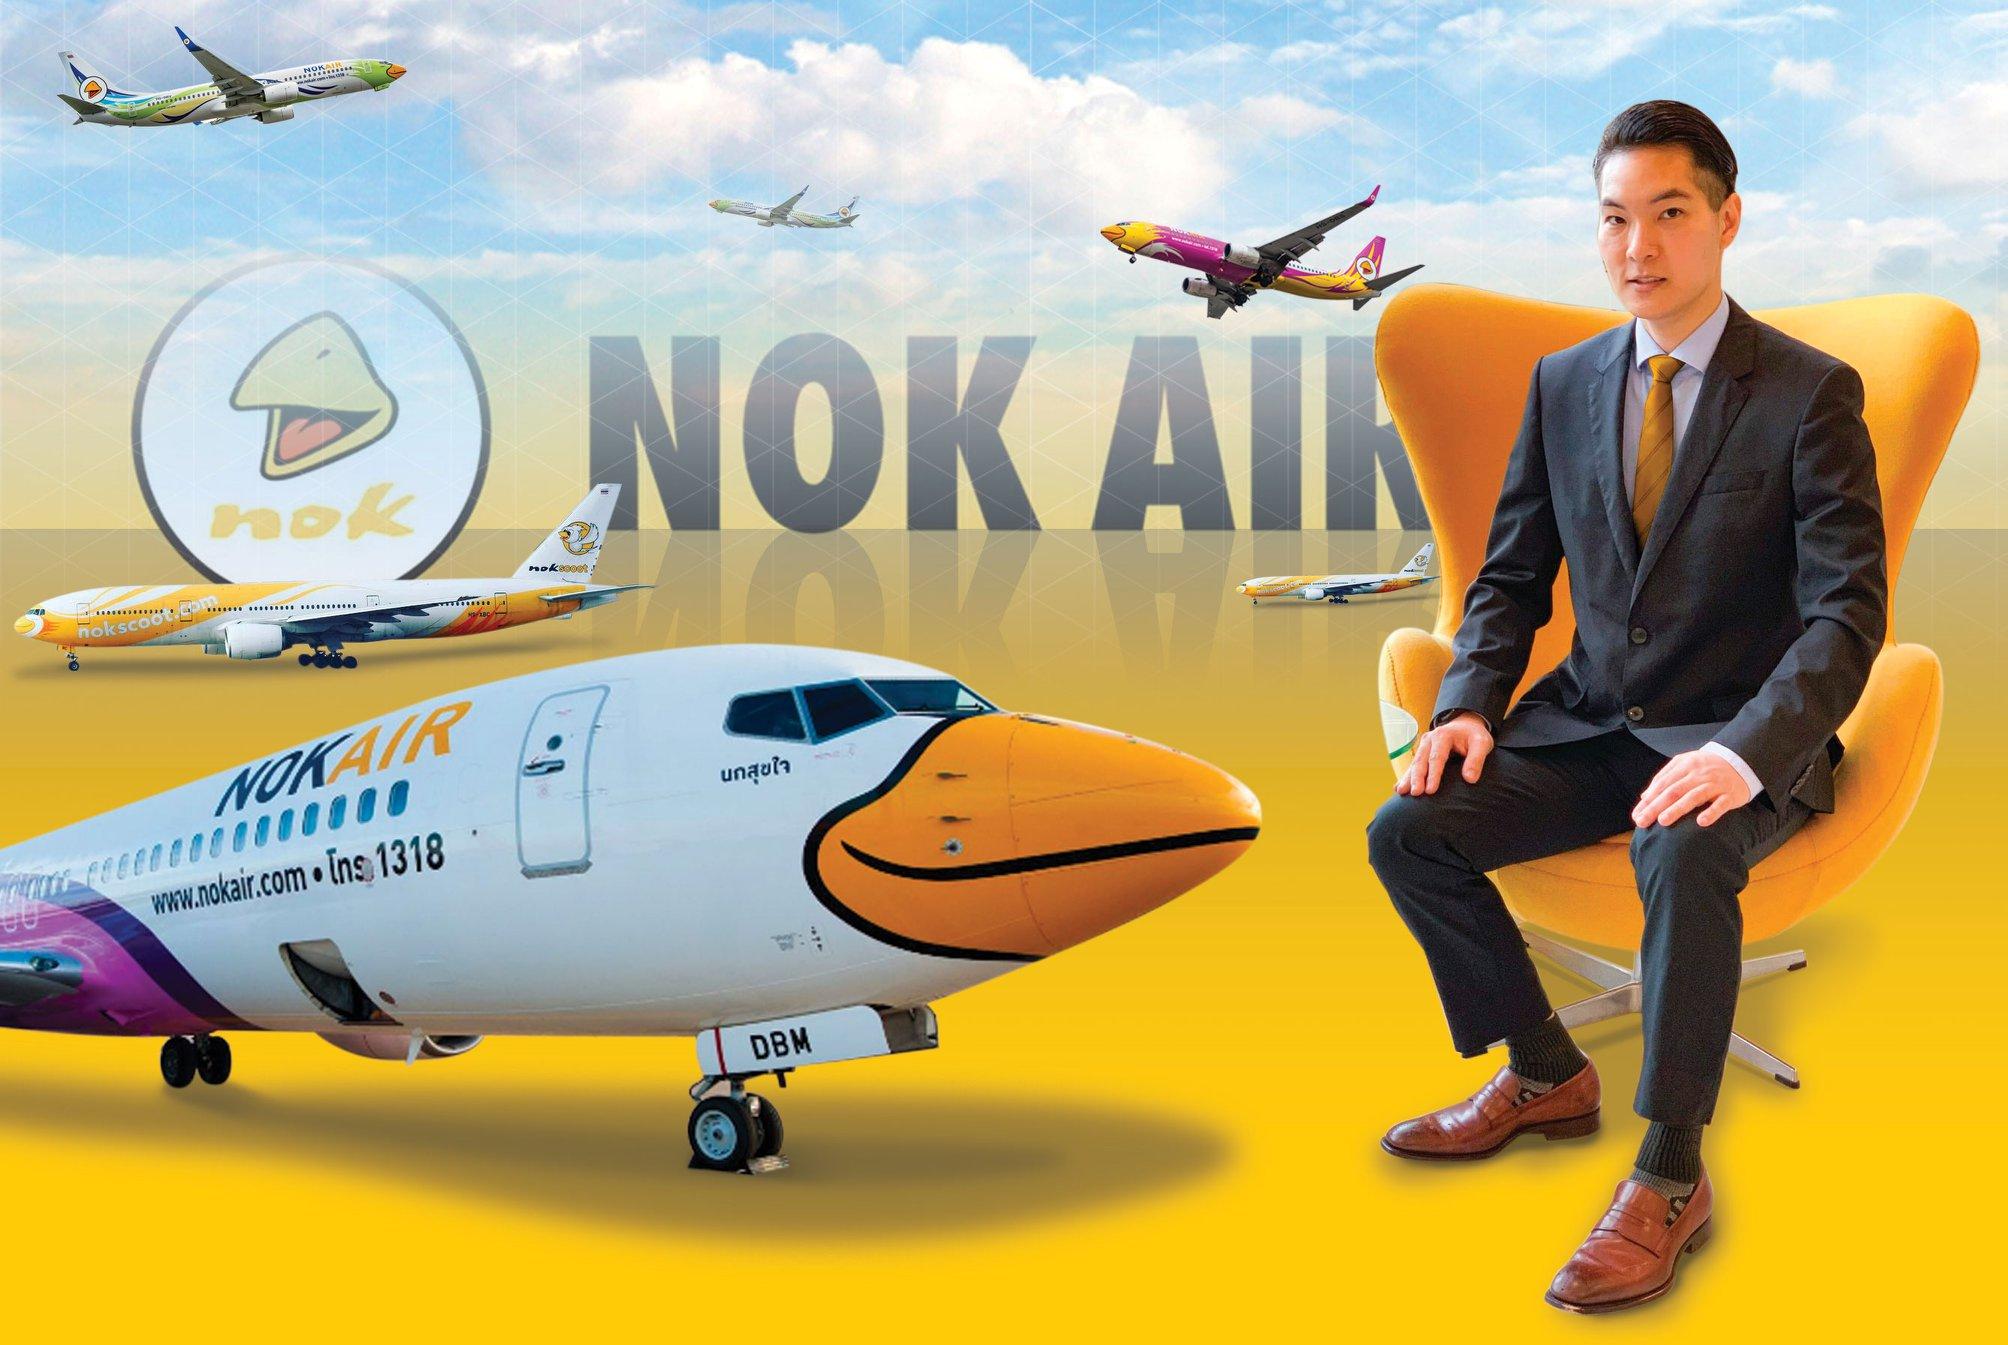 """NOK เล็งเปิดบิน """"ดอนเมือง-เบตง"""" เชื่อมมาเลเซีย มีโอกาสเติบโต"""